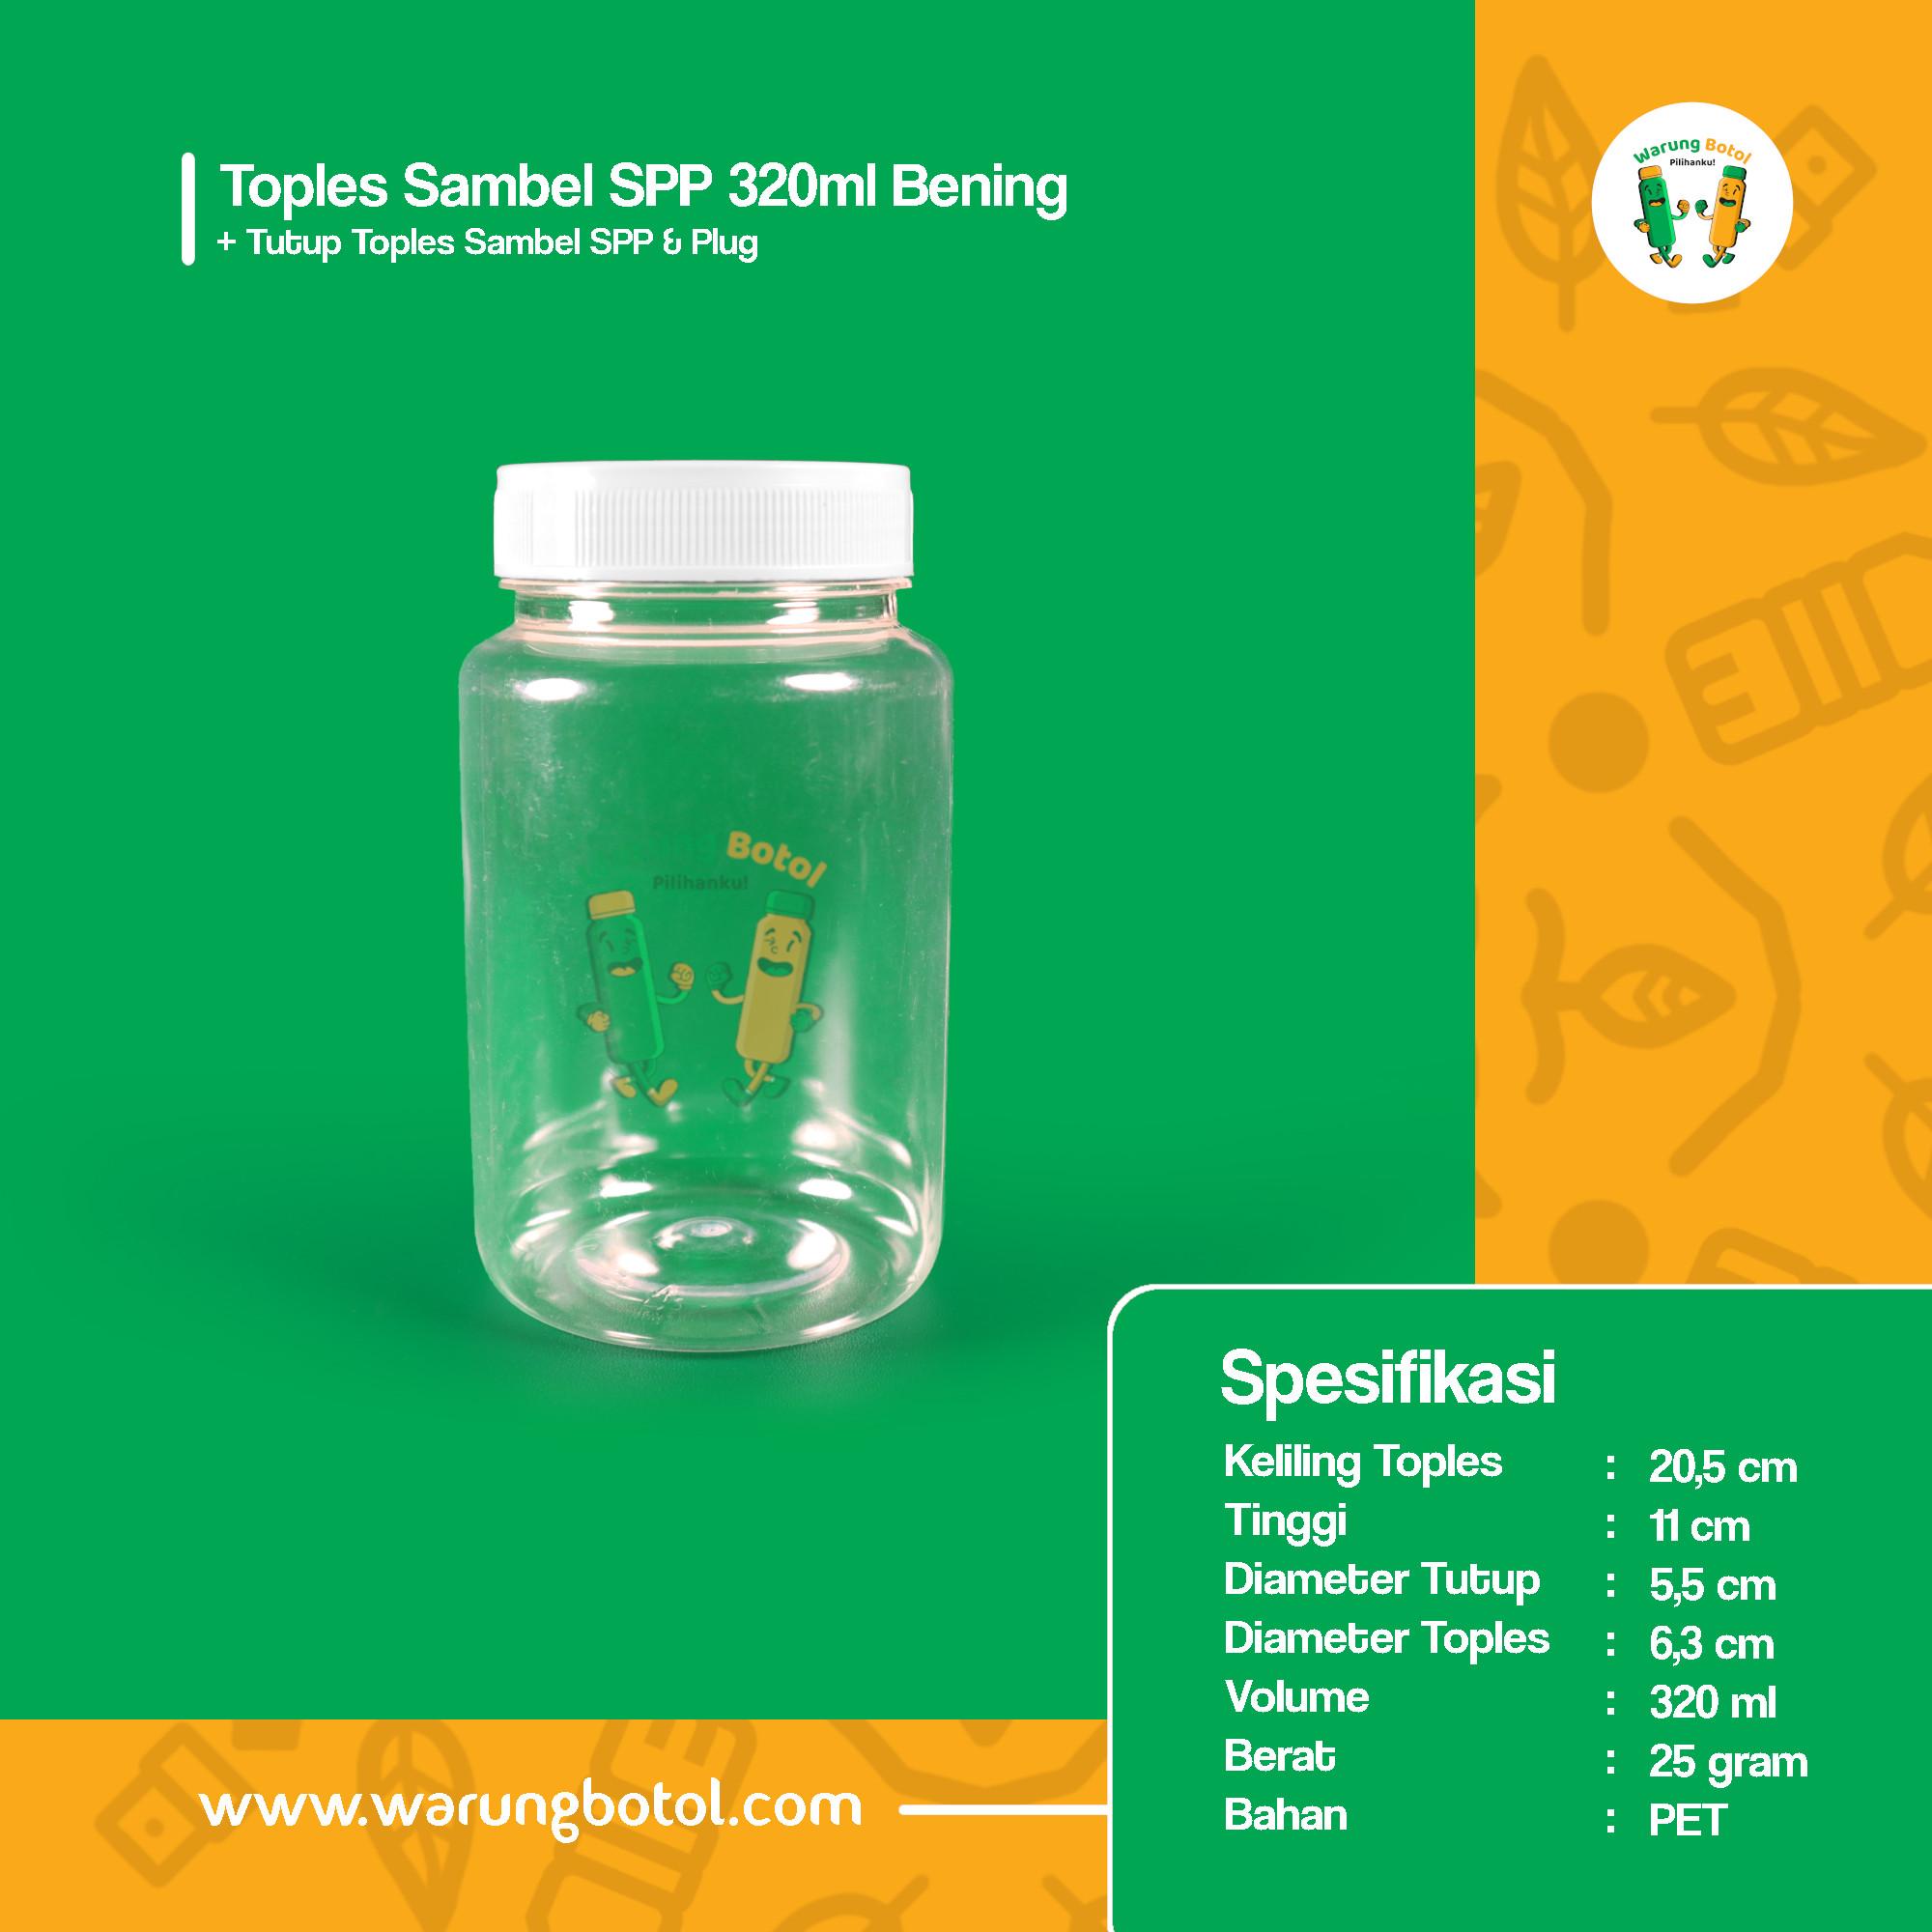 distributor toko jual toples botol plastik sambal kotak 320ml silinder murah untuk sambel terdekat di bandung, jakarta, bekasi, bogor